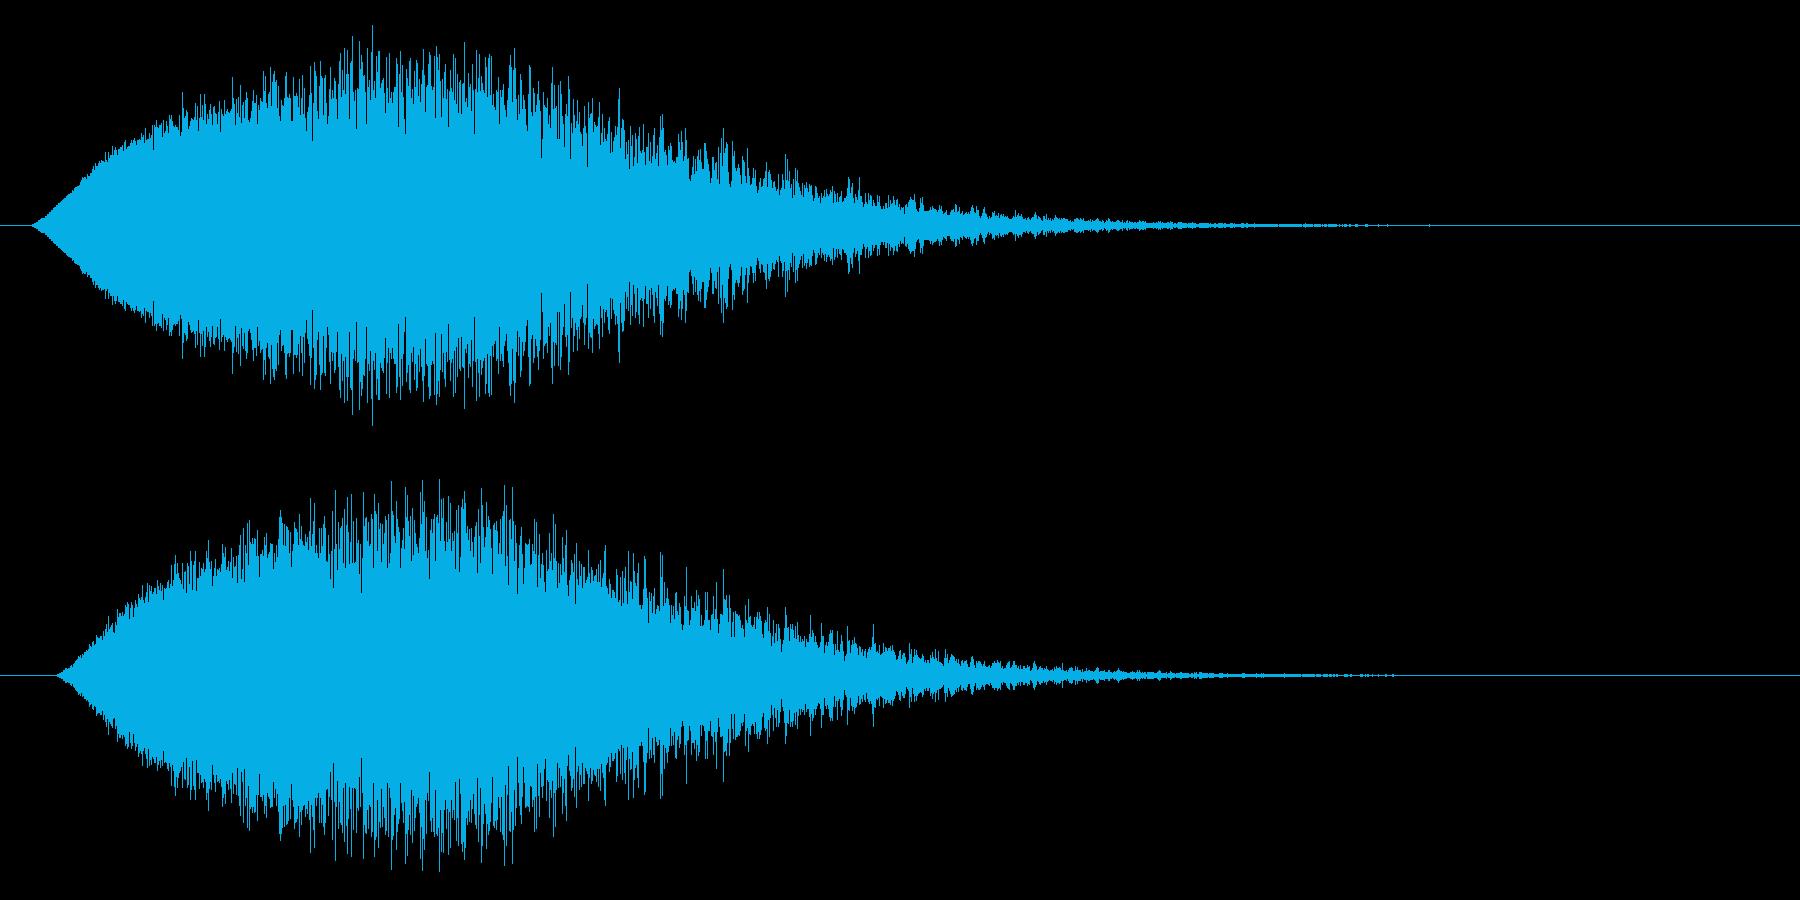 スライムがビヨヨ〜ン! のびる 変化の再生済みの波形